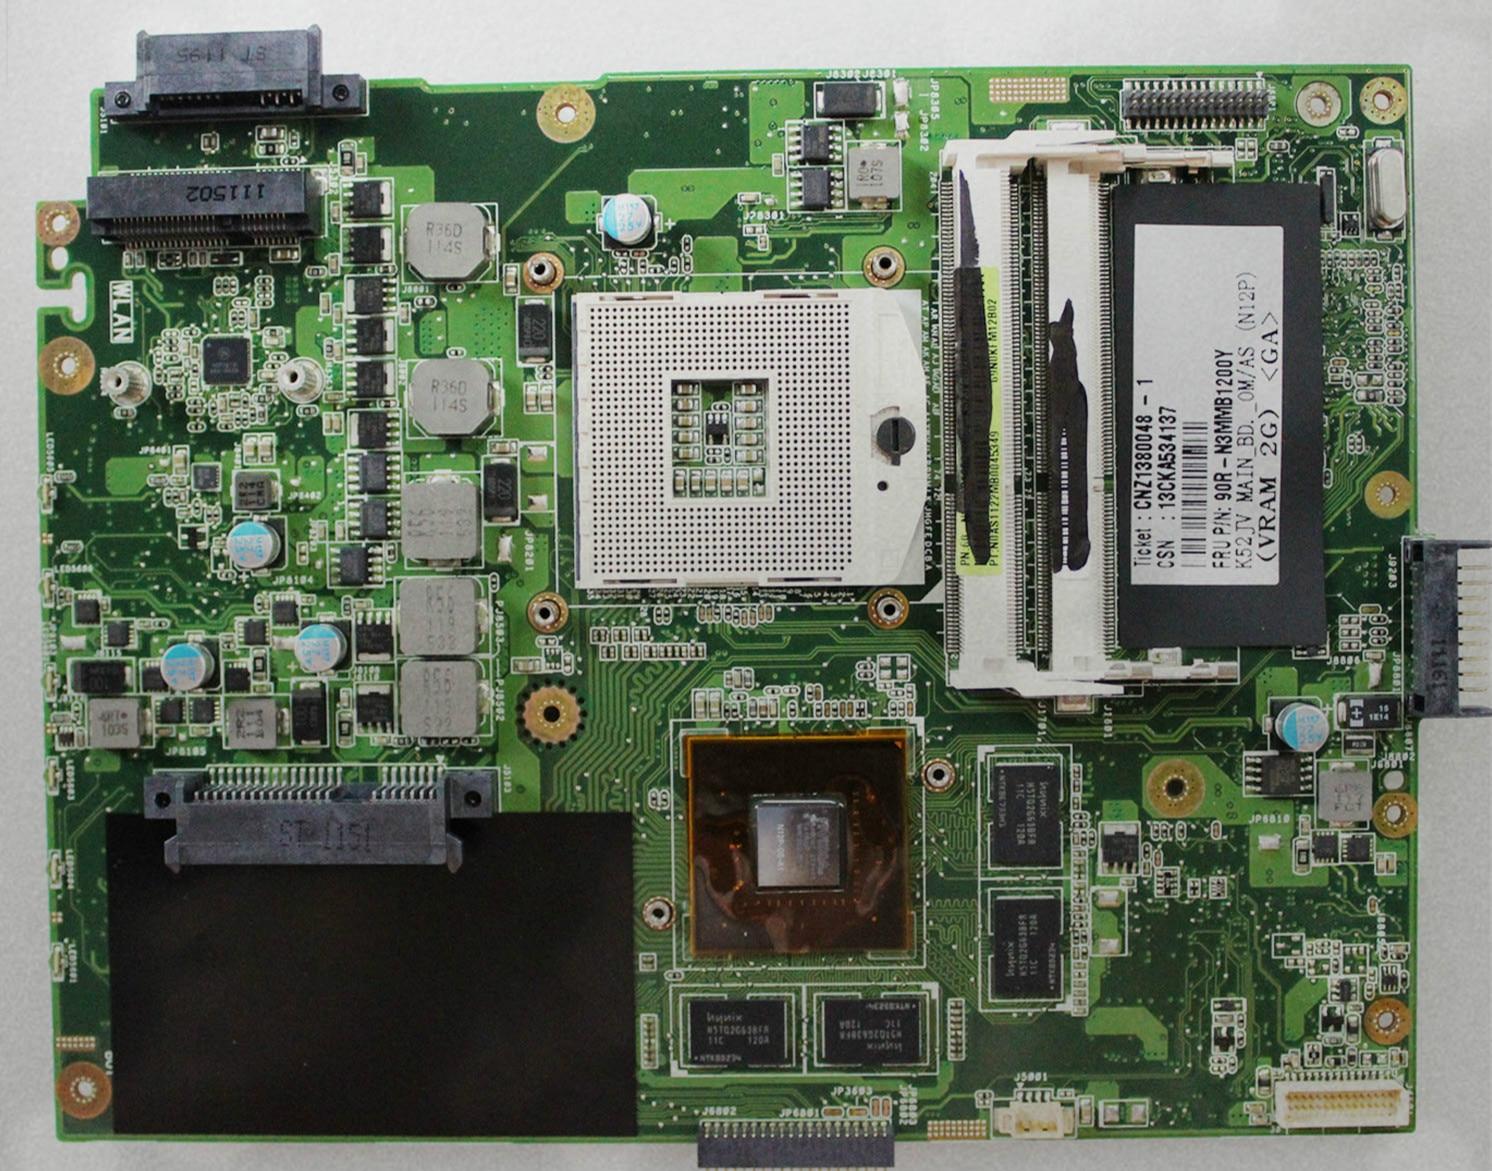 Used, Original laptop motherboard for ASUS K52JV mainboard REV:2.2 Nvidia GT540M 2GB laptop motherboard fit for acer aspire 3820 3820t notebook pc mainboard hm55 48 4hl01 031 48 4hl01 03m